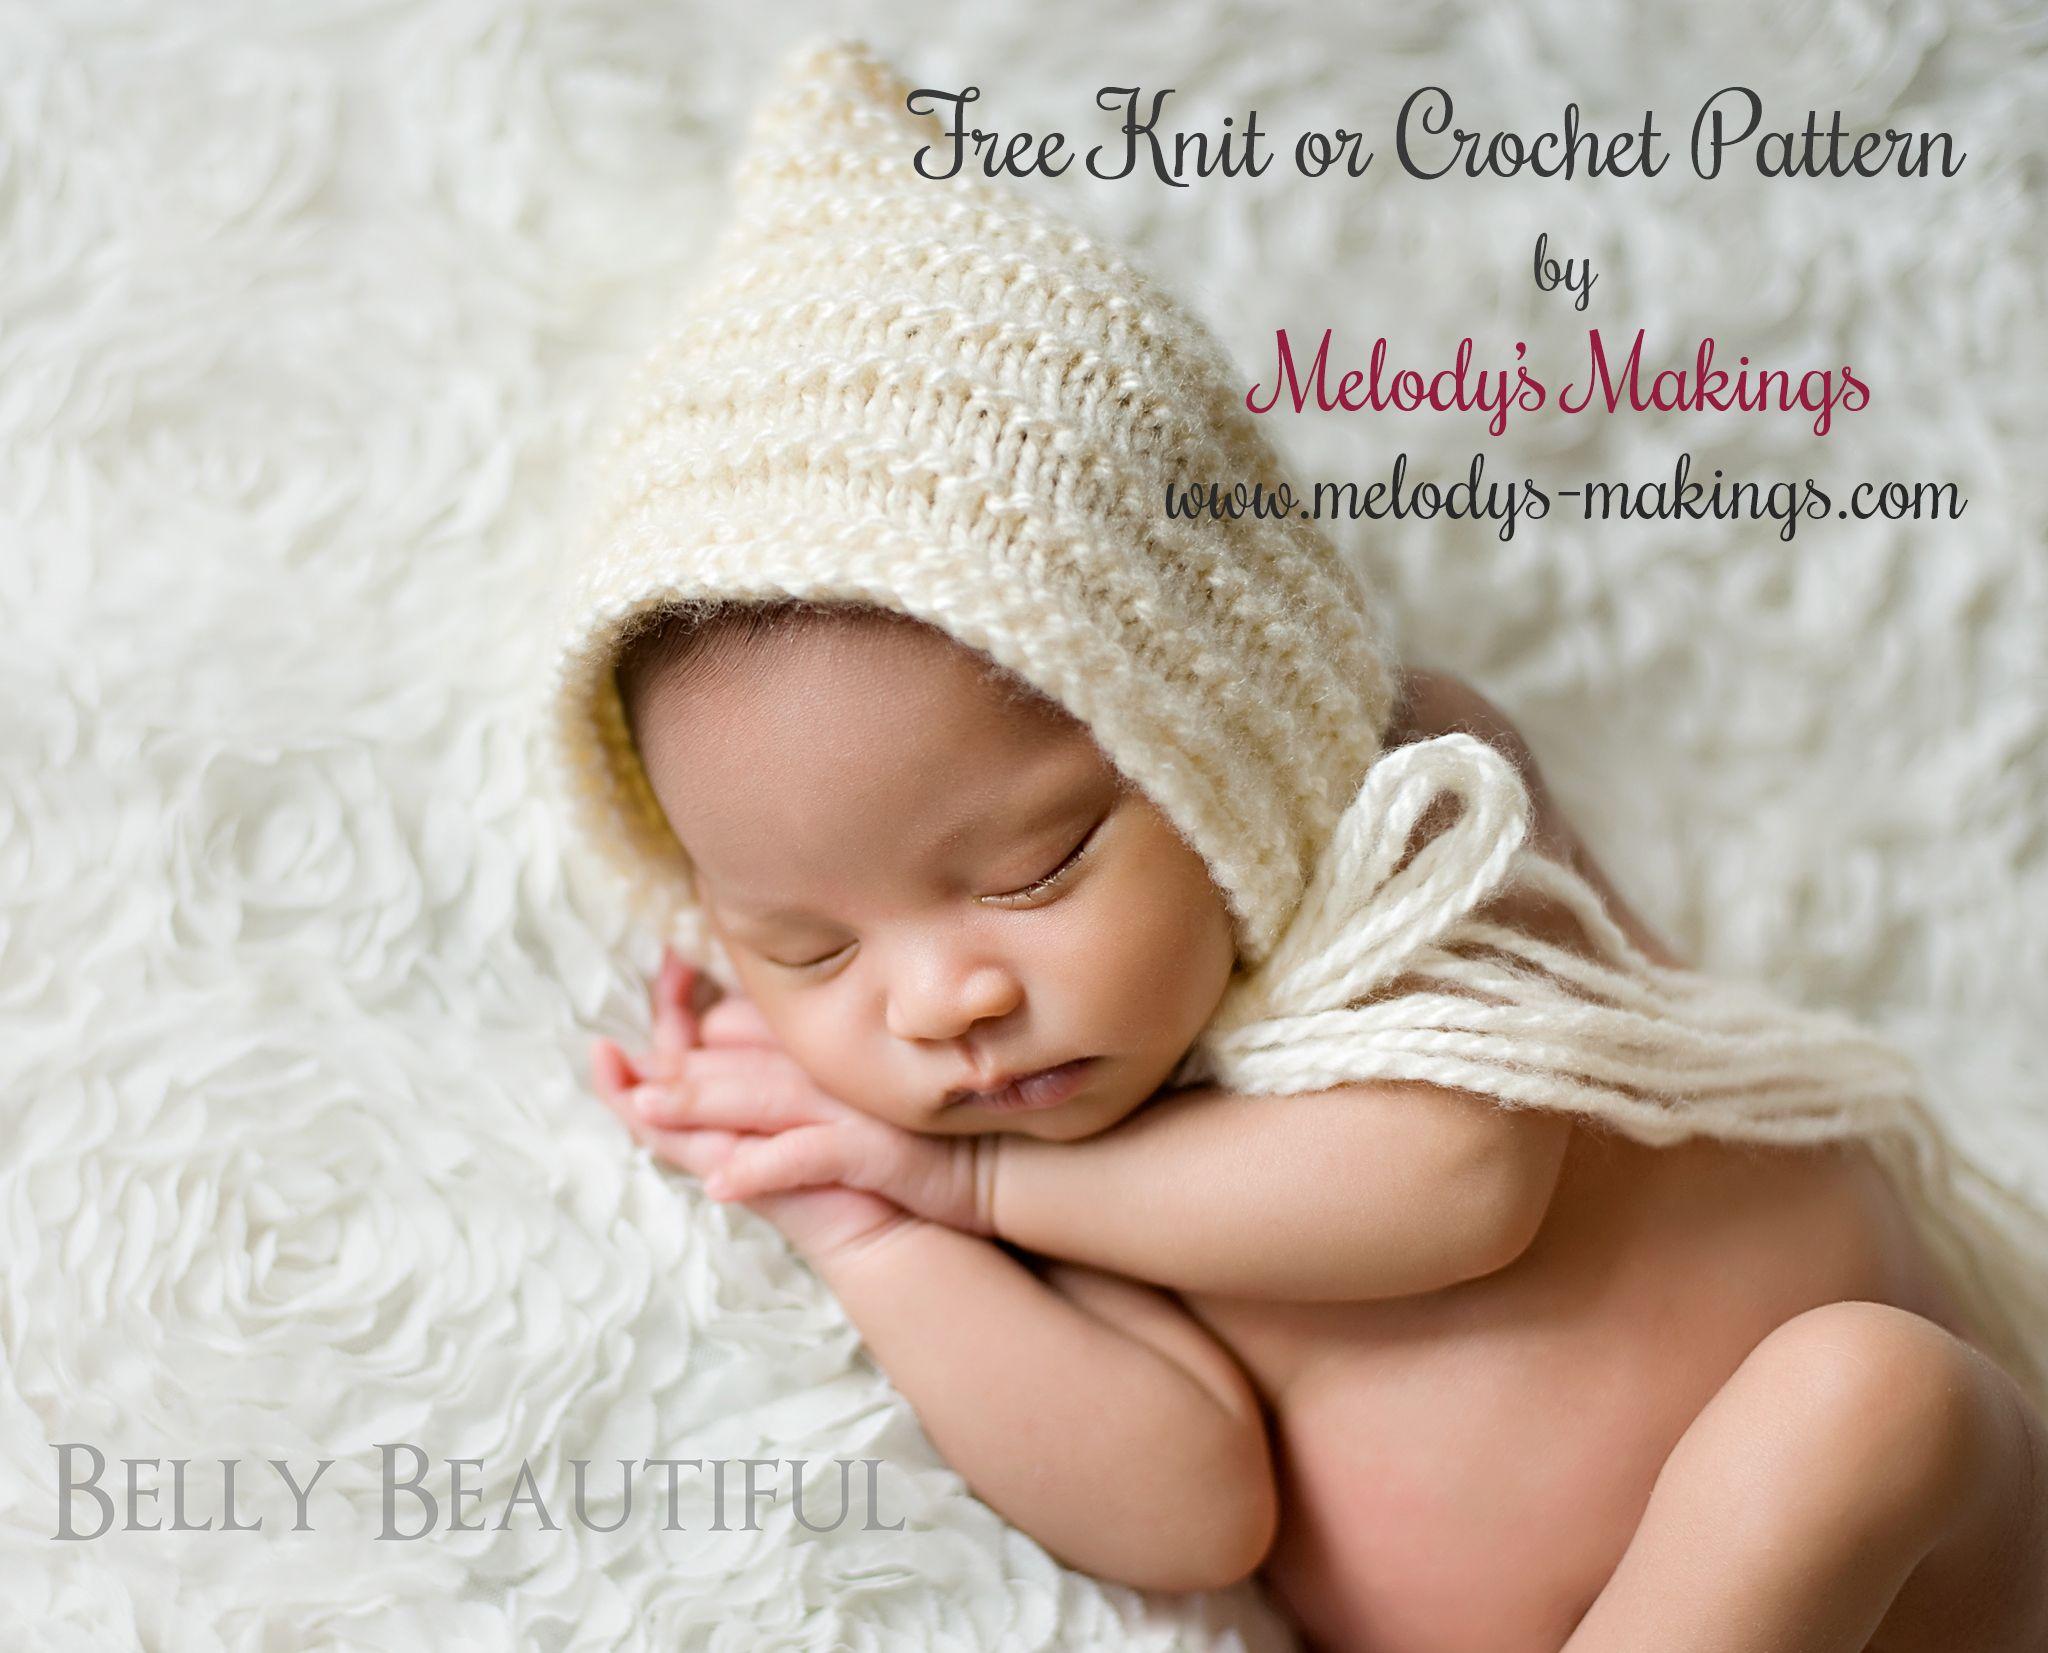 Free Pattern Alert! | Crochet, Patterns and Free